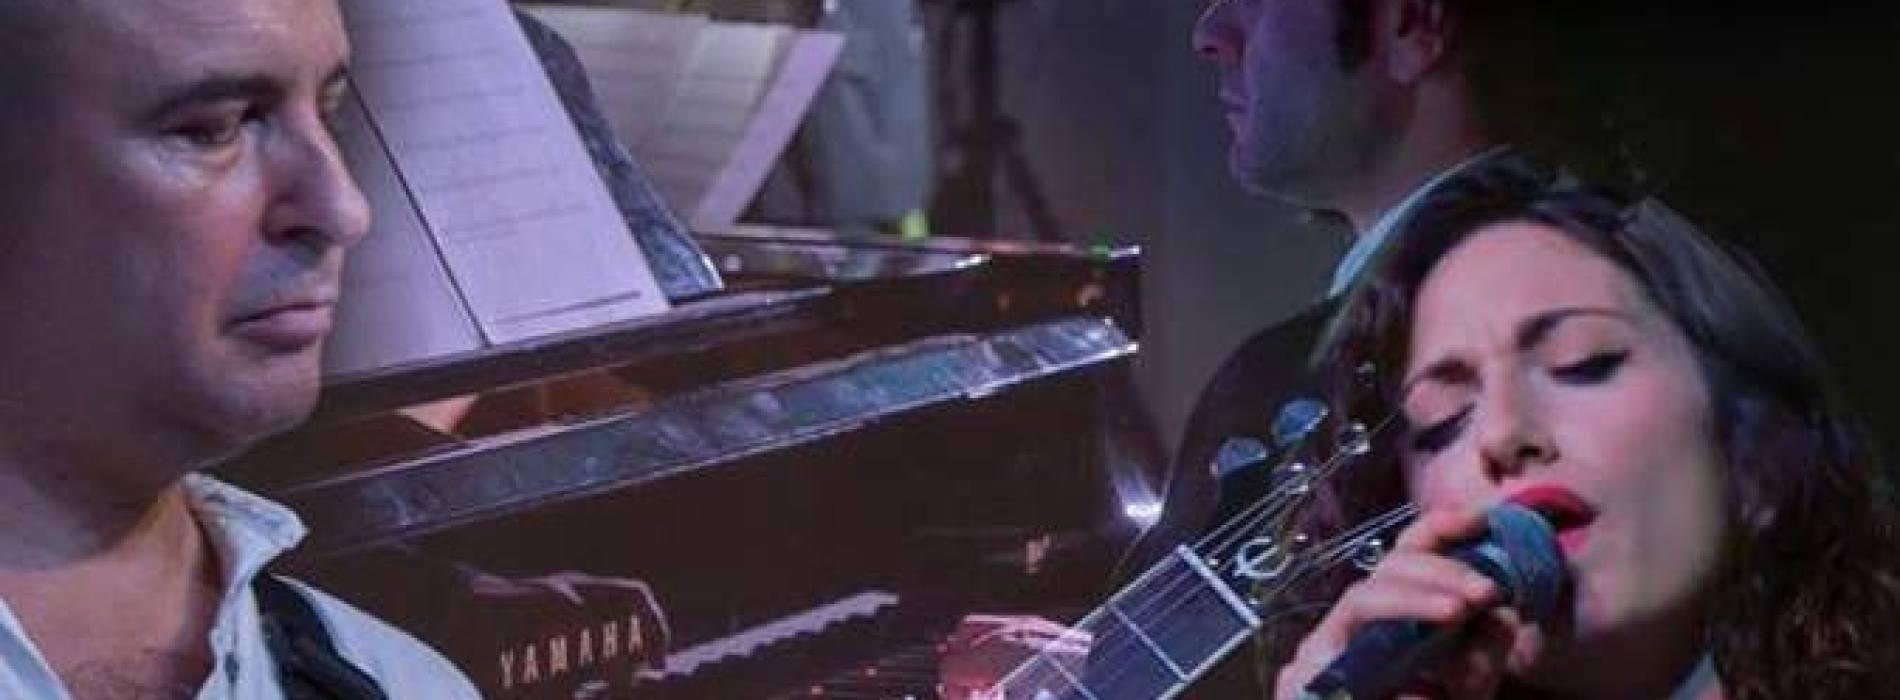 E' venerdì 17, al Tavernacolo c'è il Mirella Schisano Soul Trio